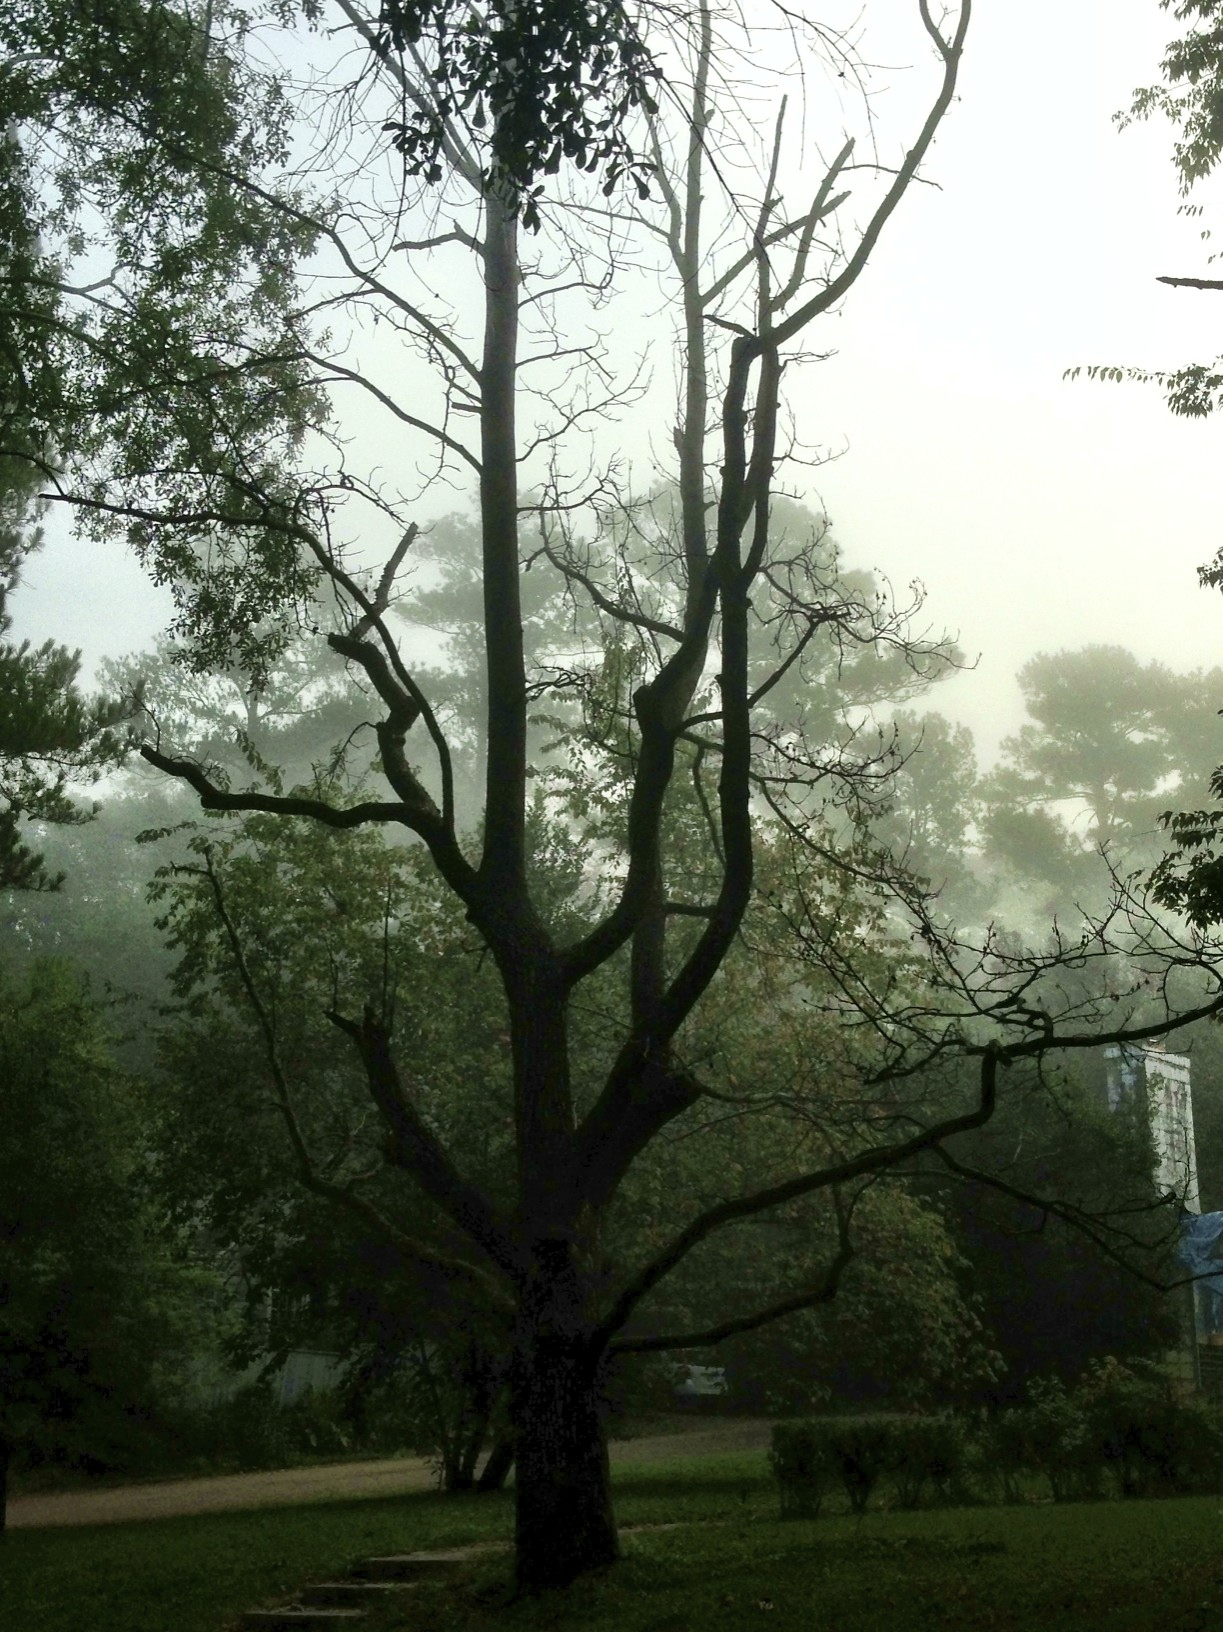 fog, trees